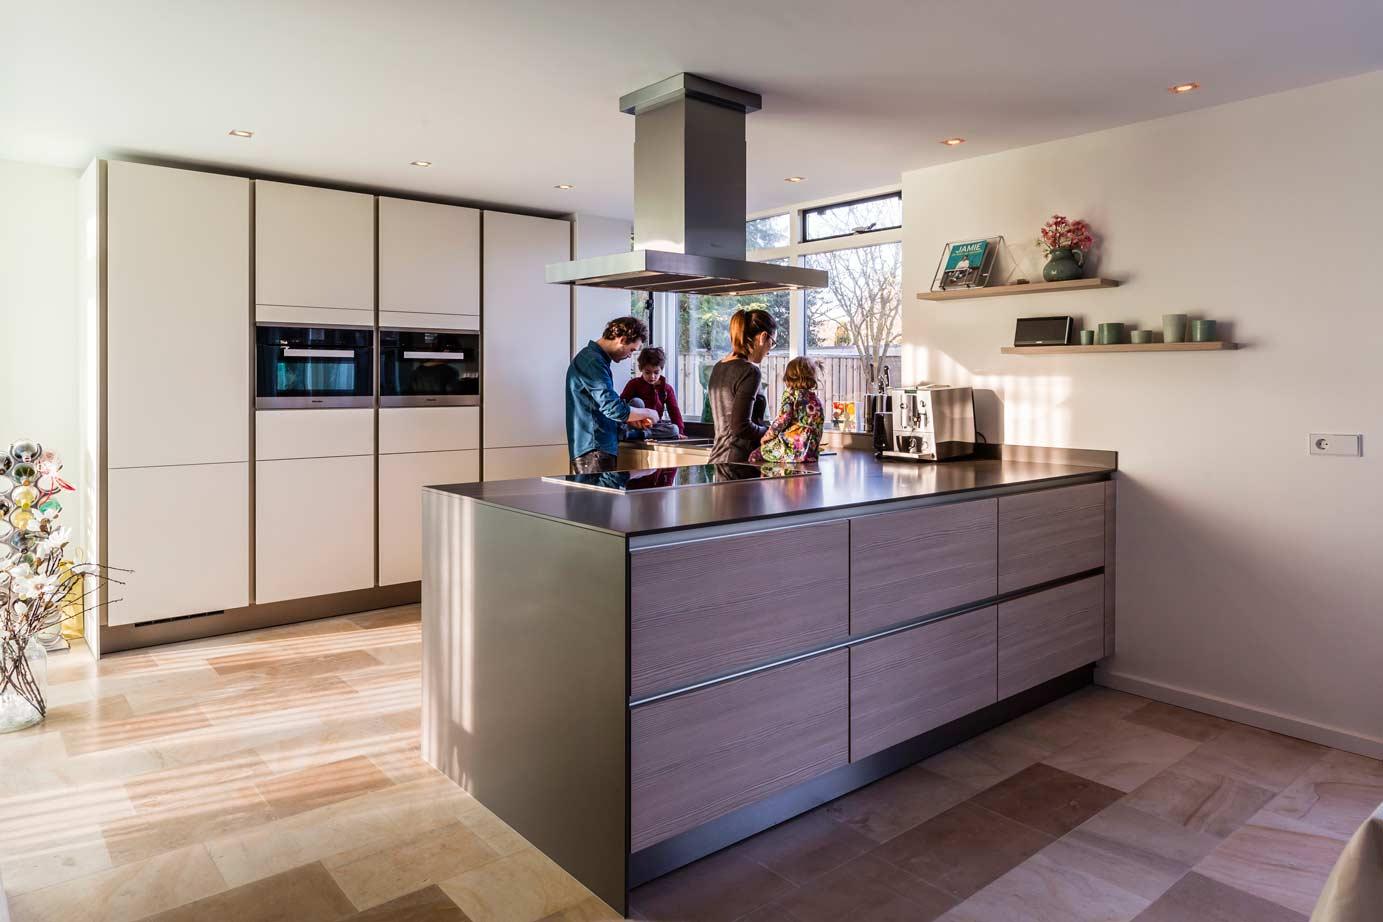 Siematic Keuken Ontwerpen : SieMatic keuken heeft de mooiste ontwerpen